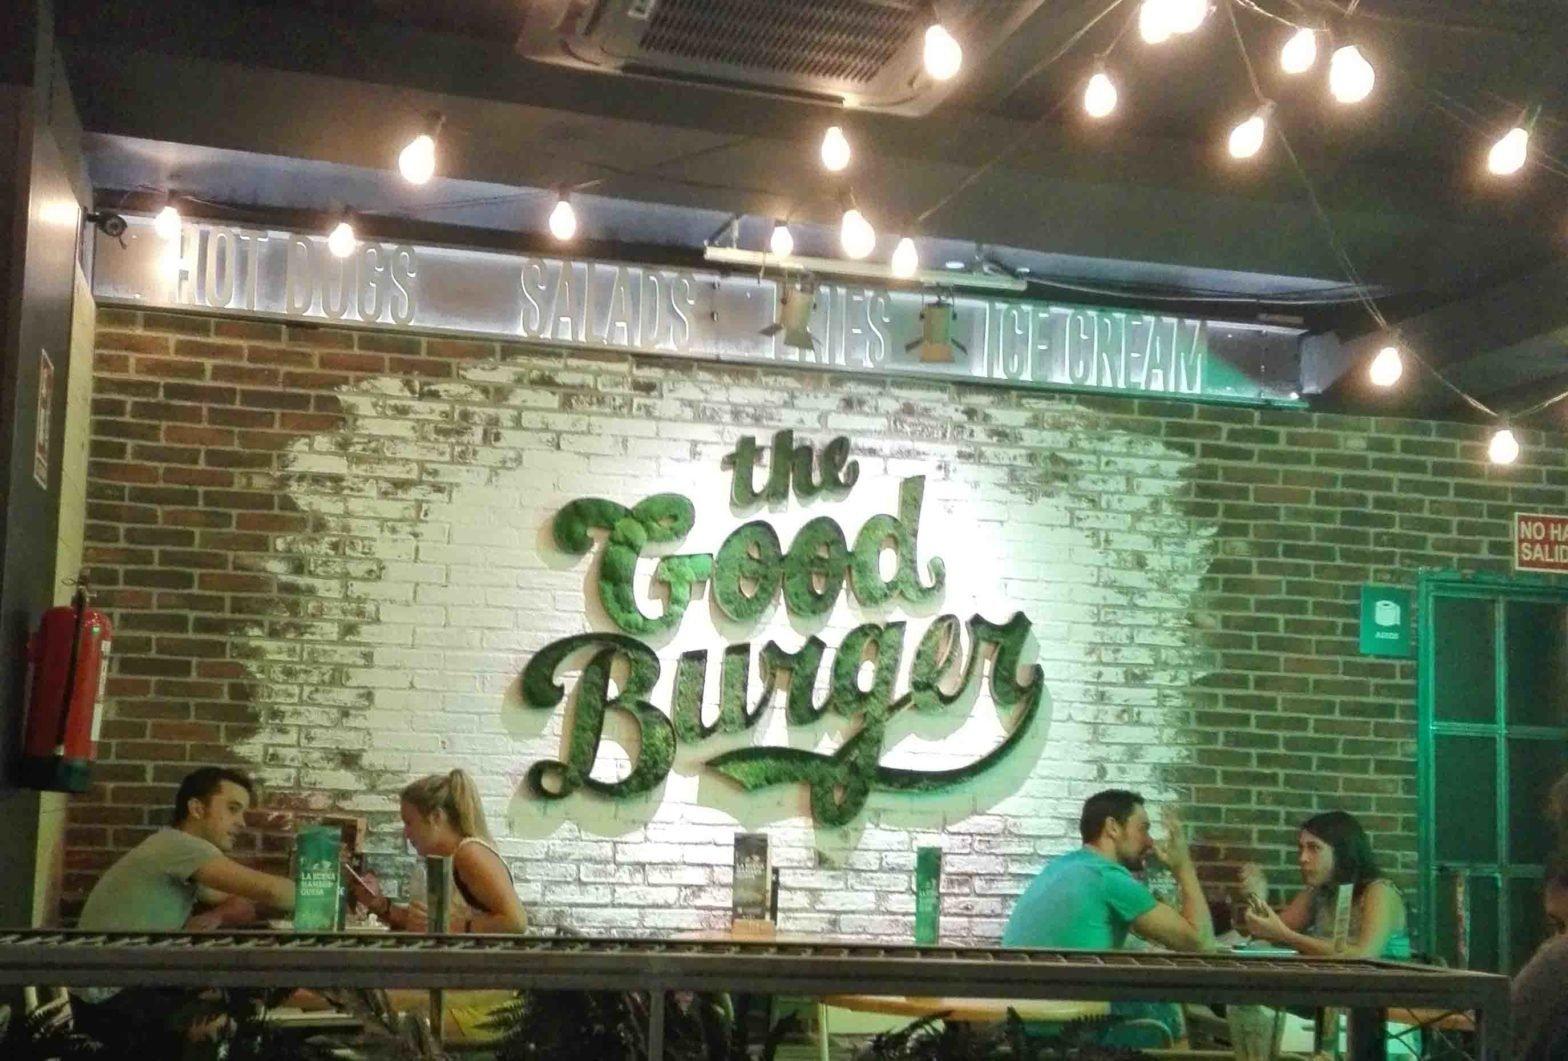 Cara vista The good Burger. Panespol. Panel decorativo de poliuretano. Panel imitación ladrillo. Panel caravista|IMG_20160802_220305